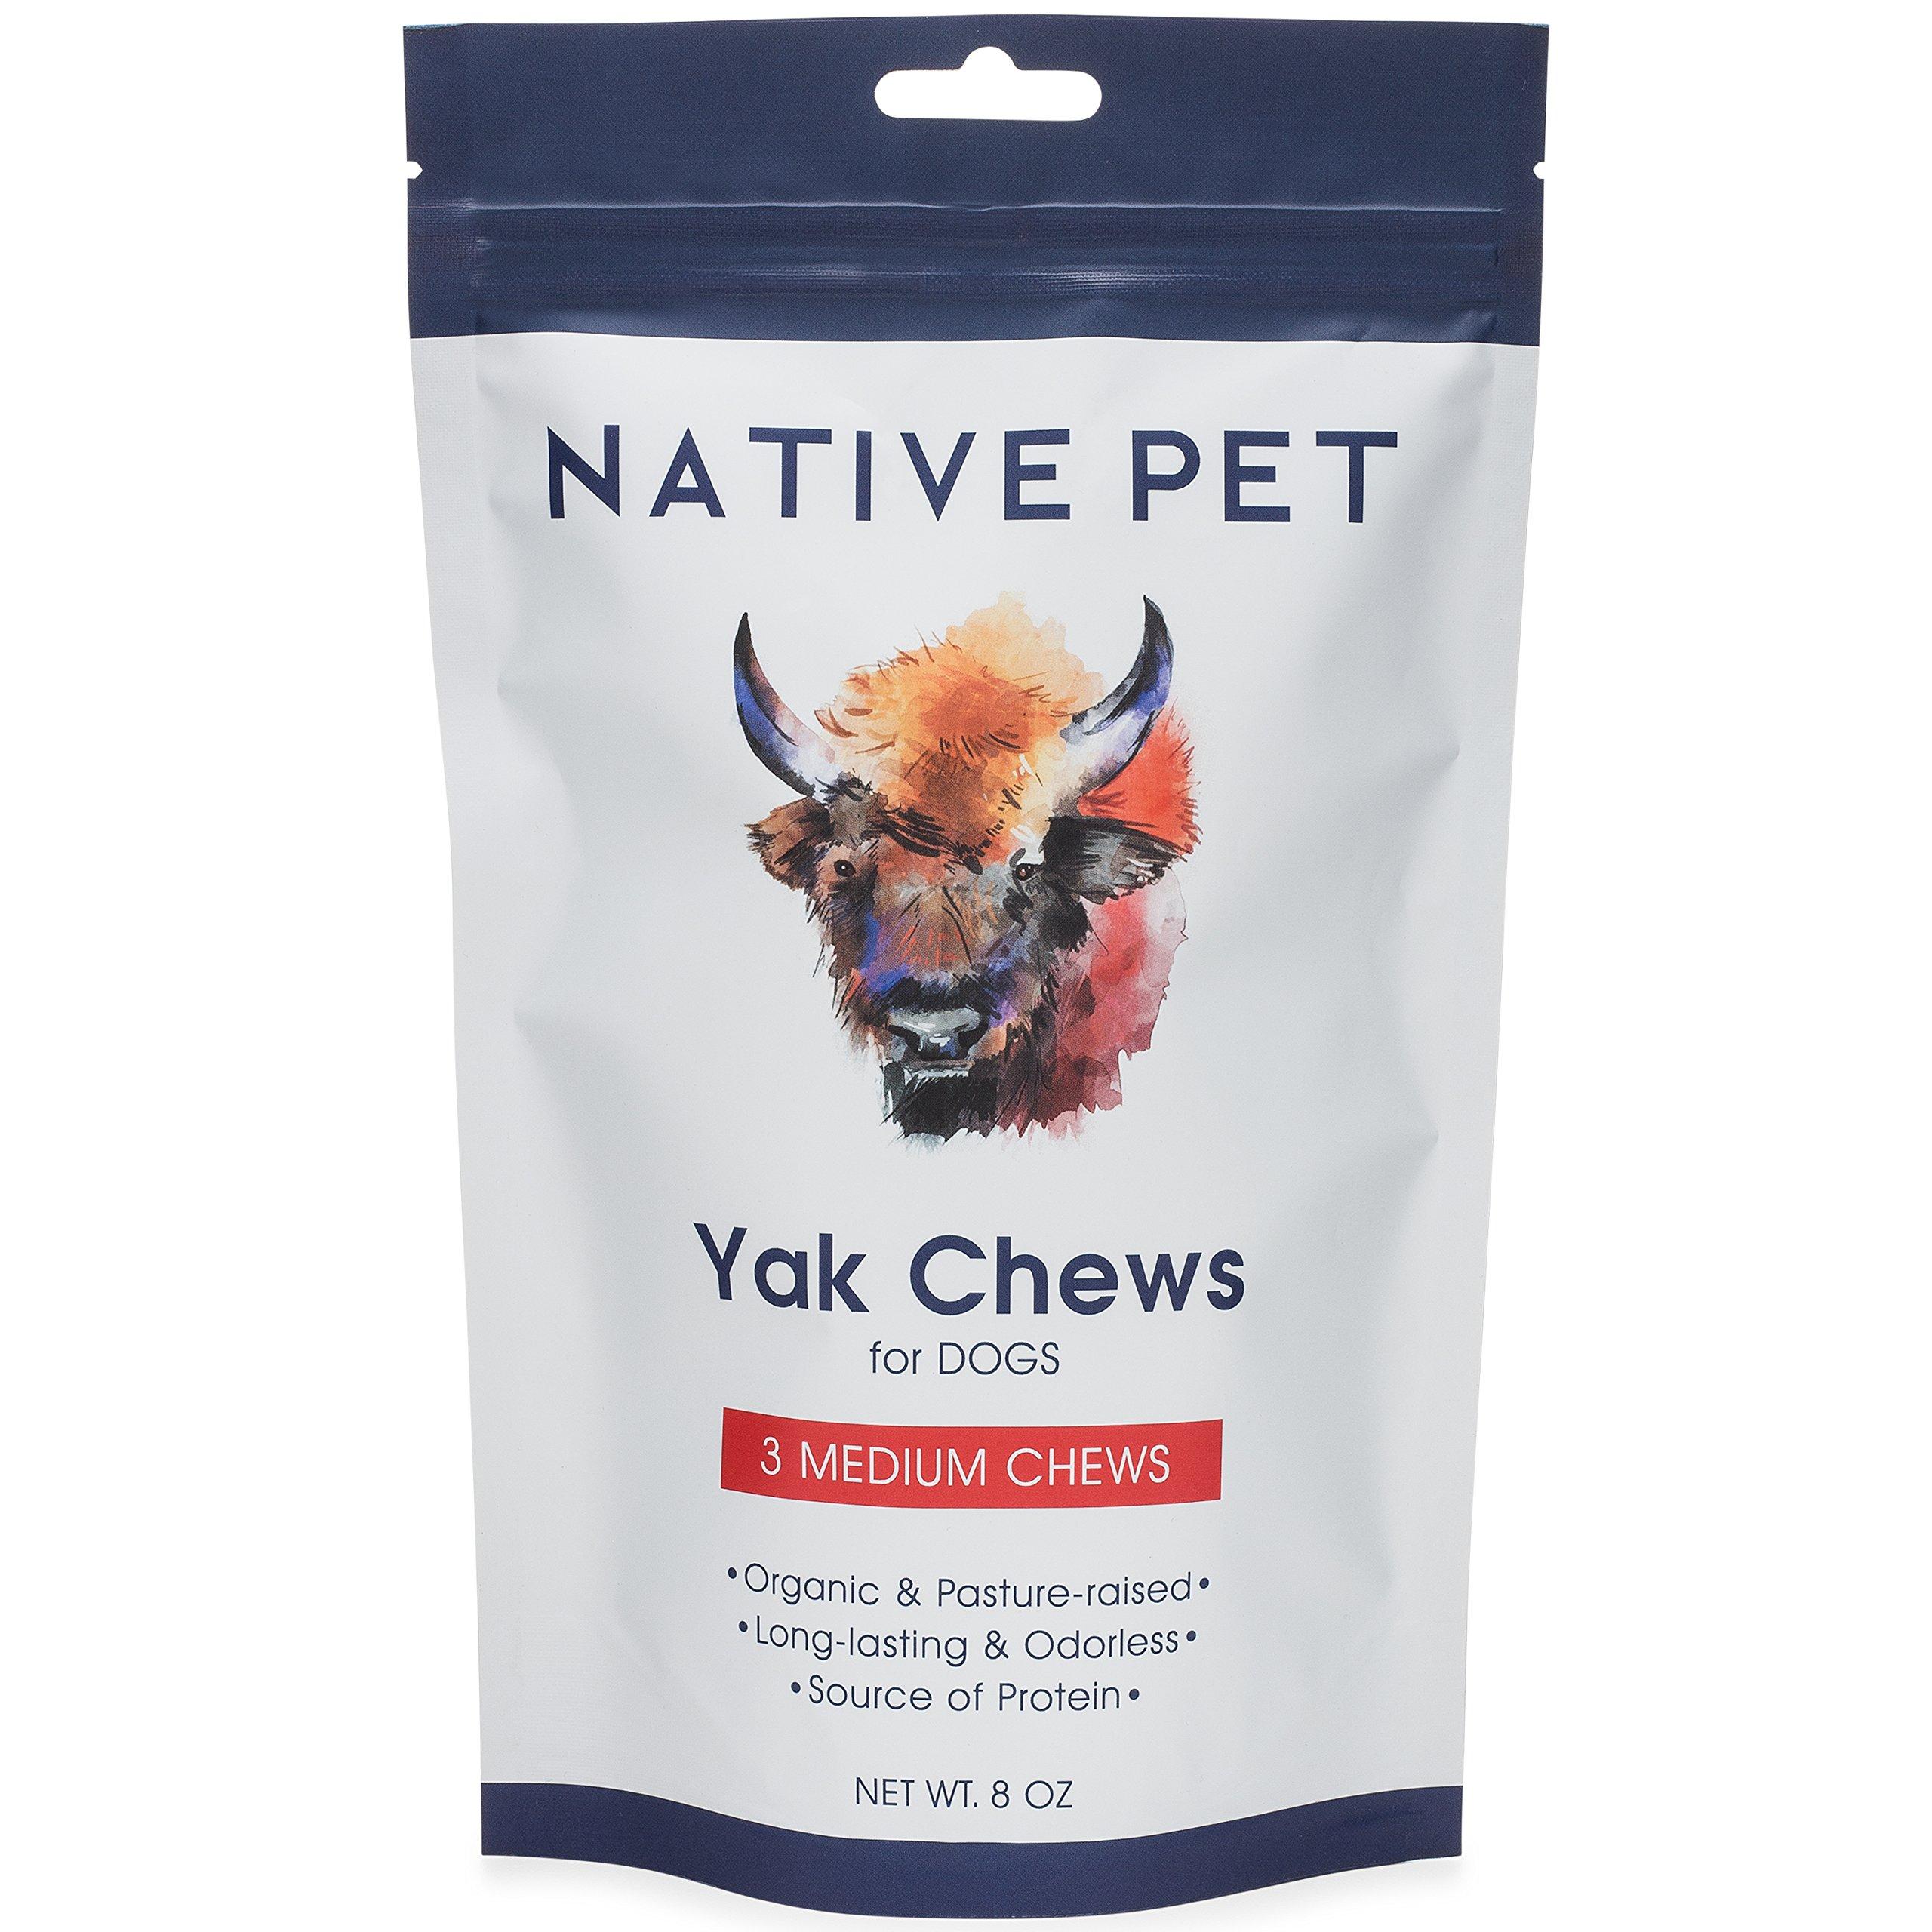 Native Pet Yak Chew (3 Medium Chews)